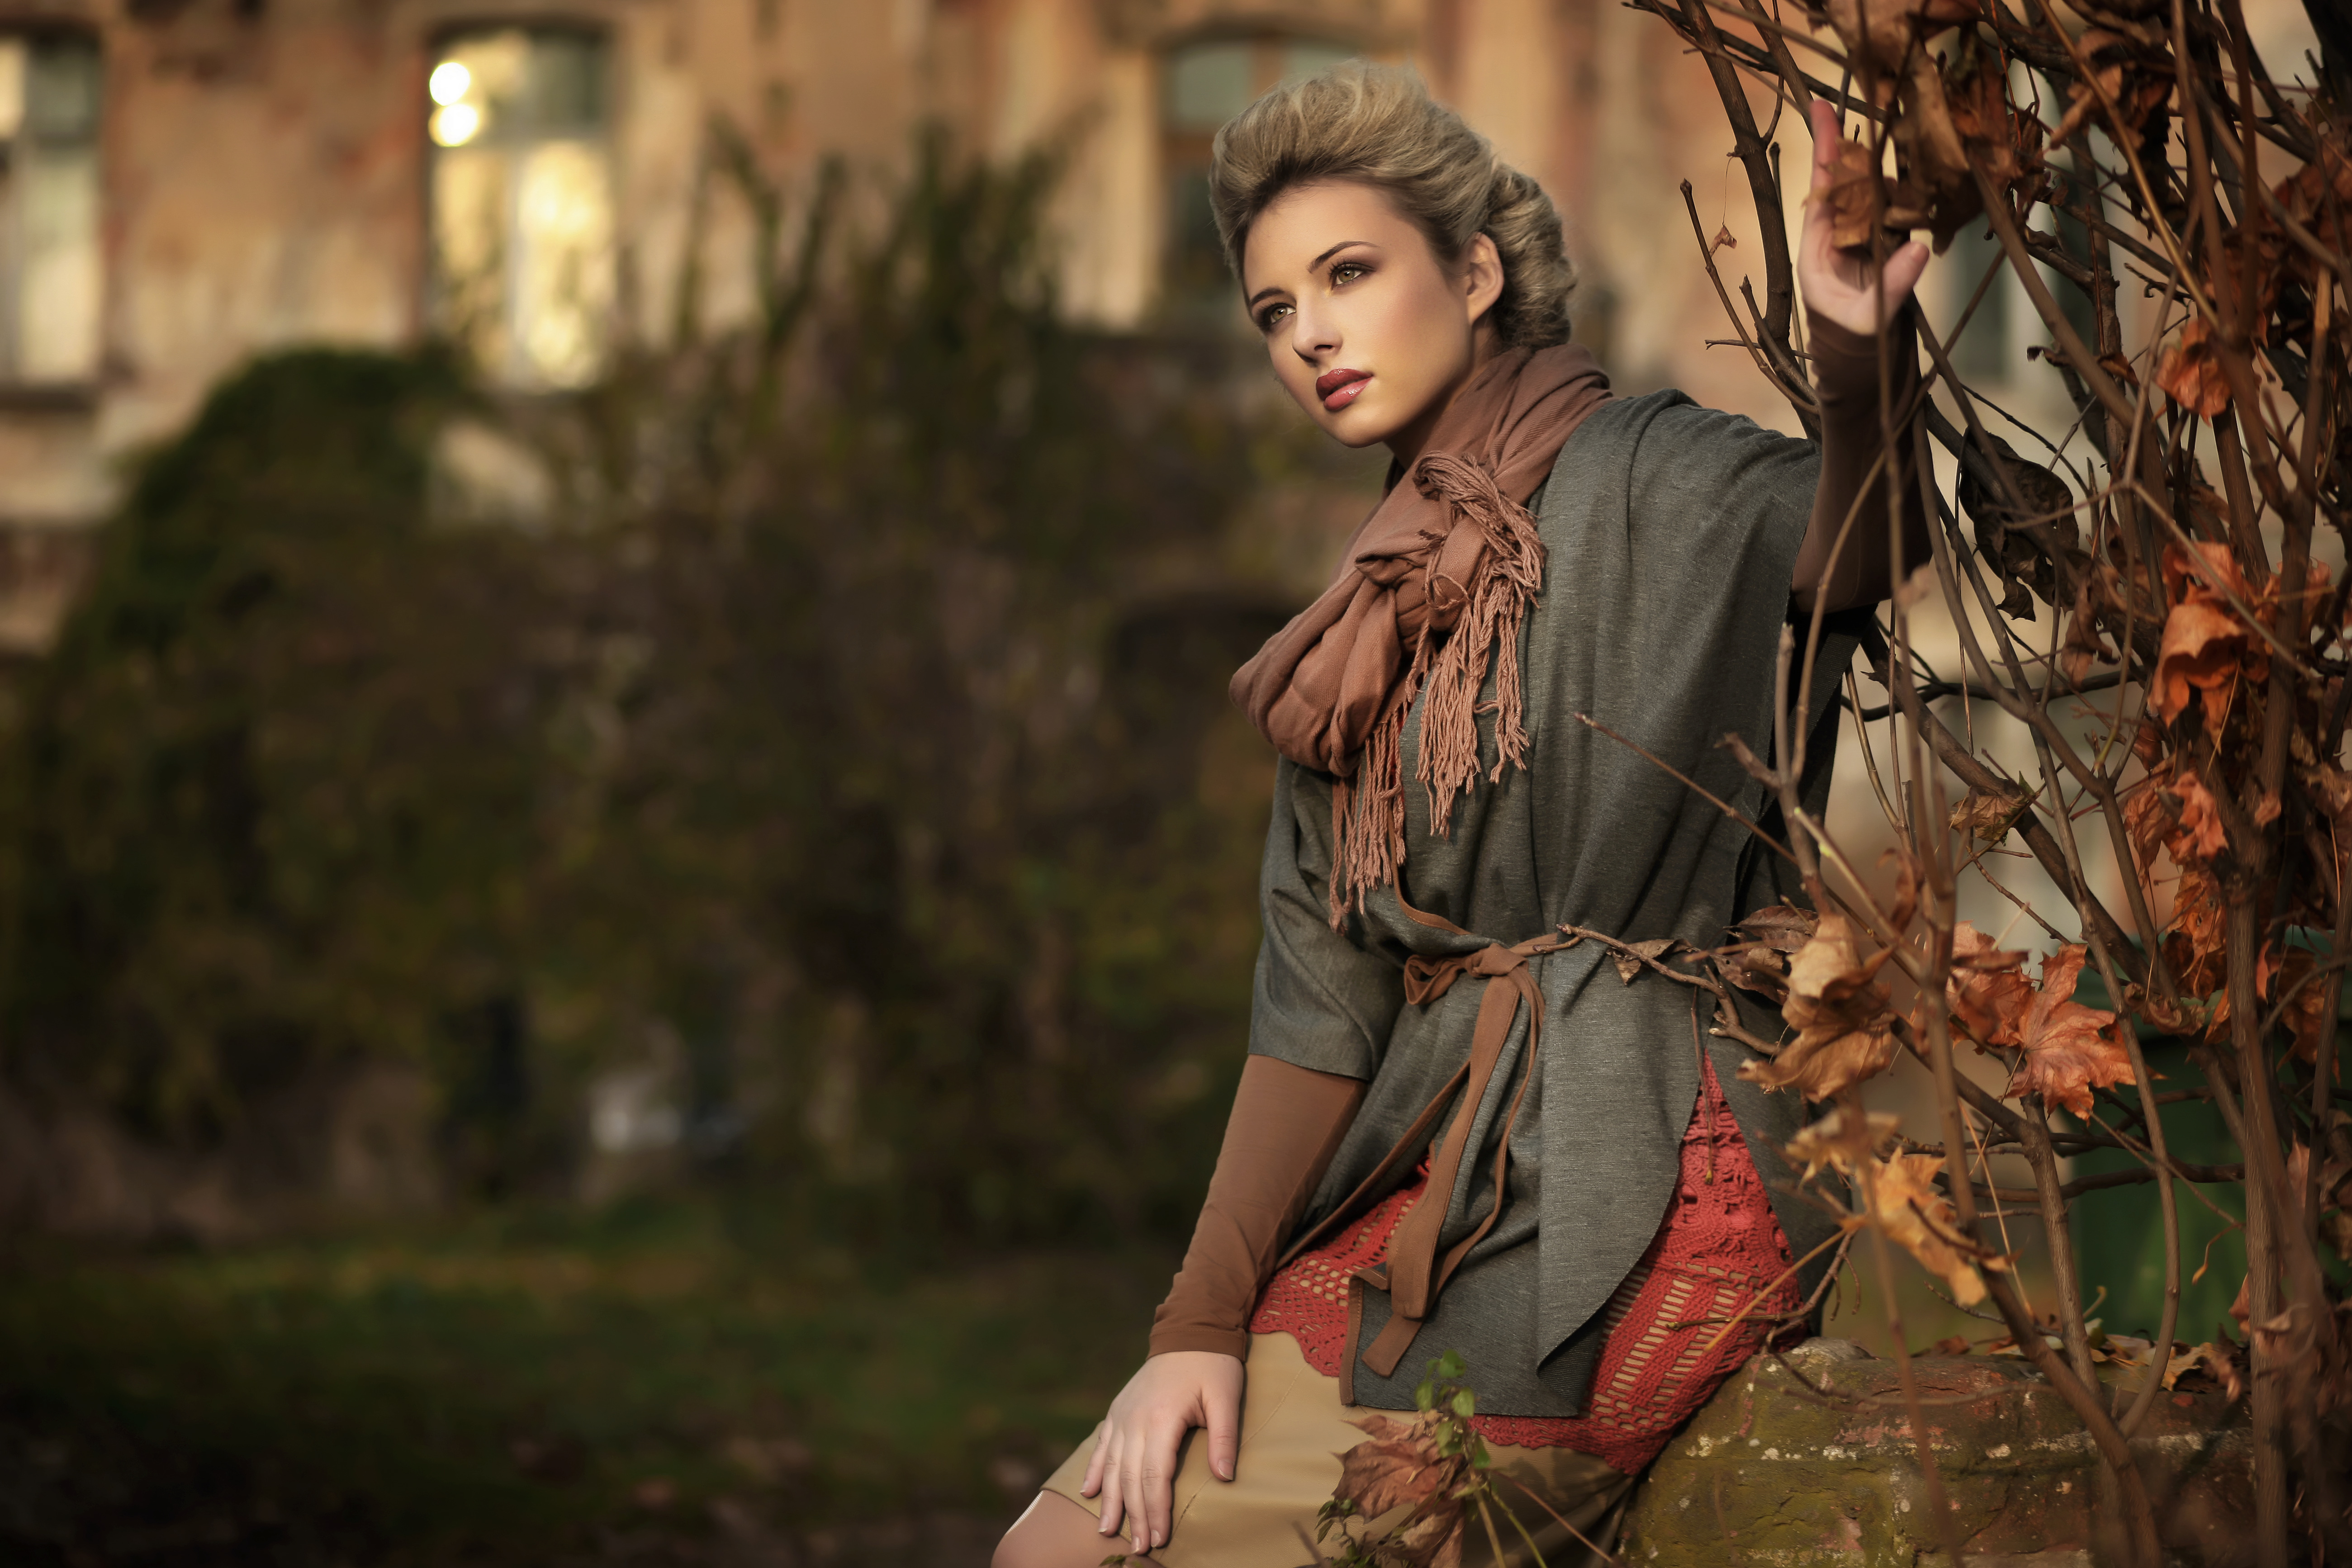 фотографии девушек осенью: